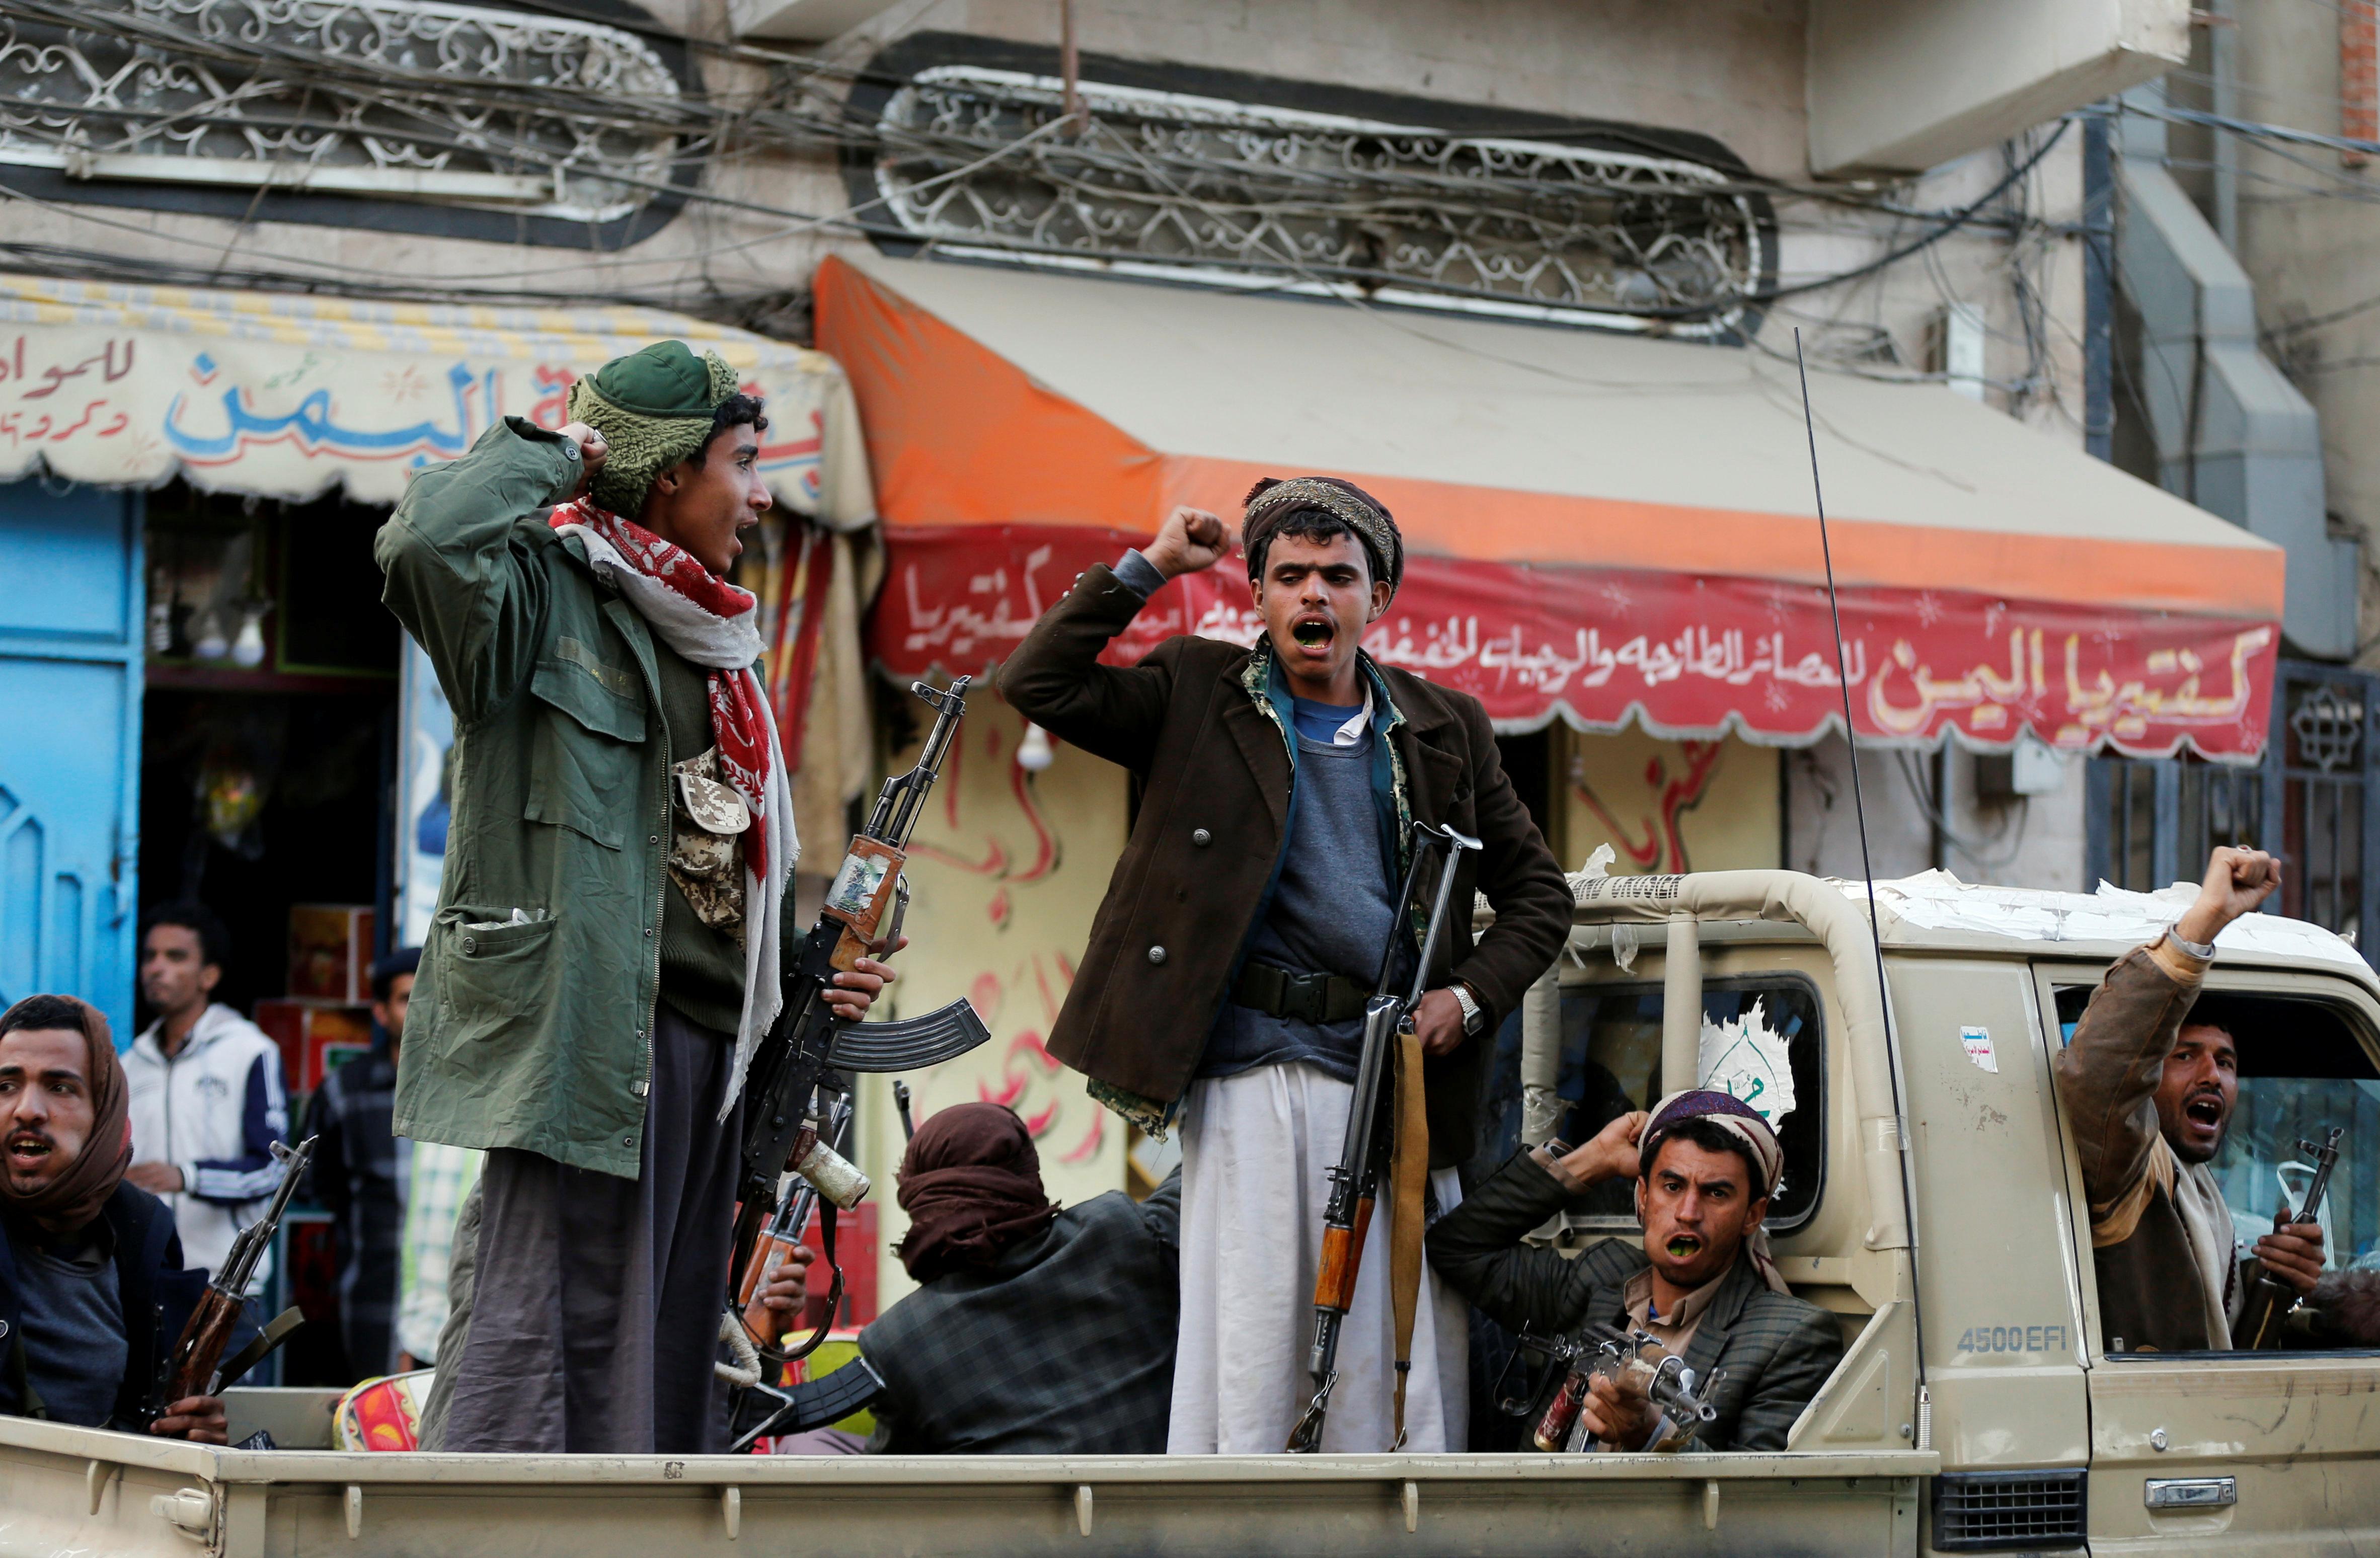 جانب من تواجد ميليشيات الحوثيين